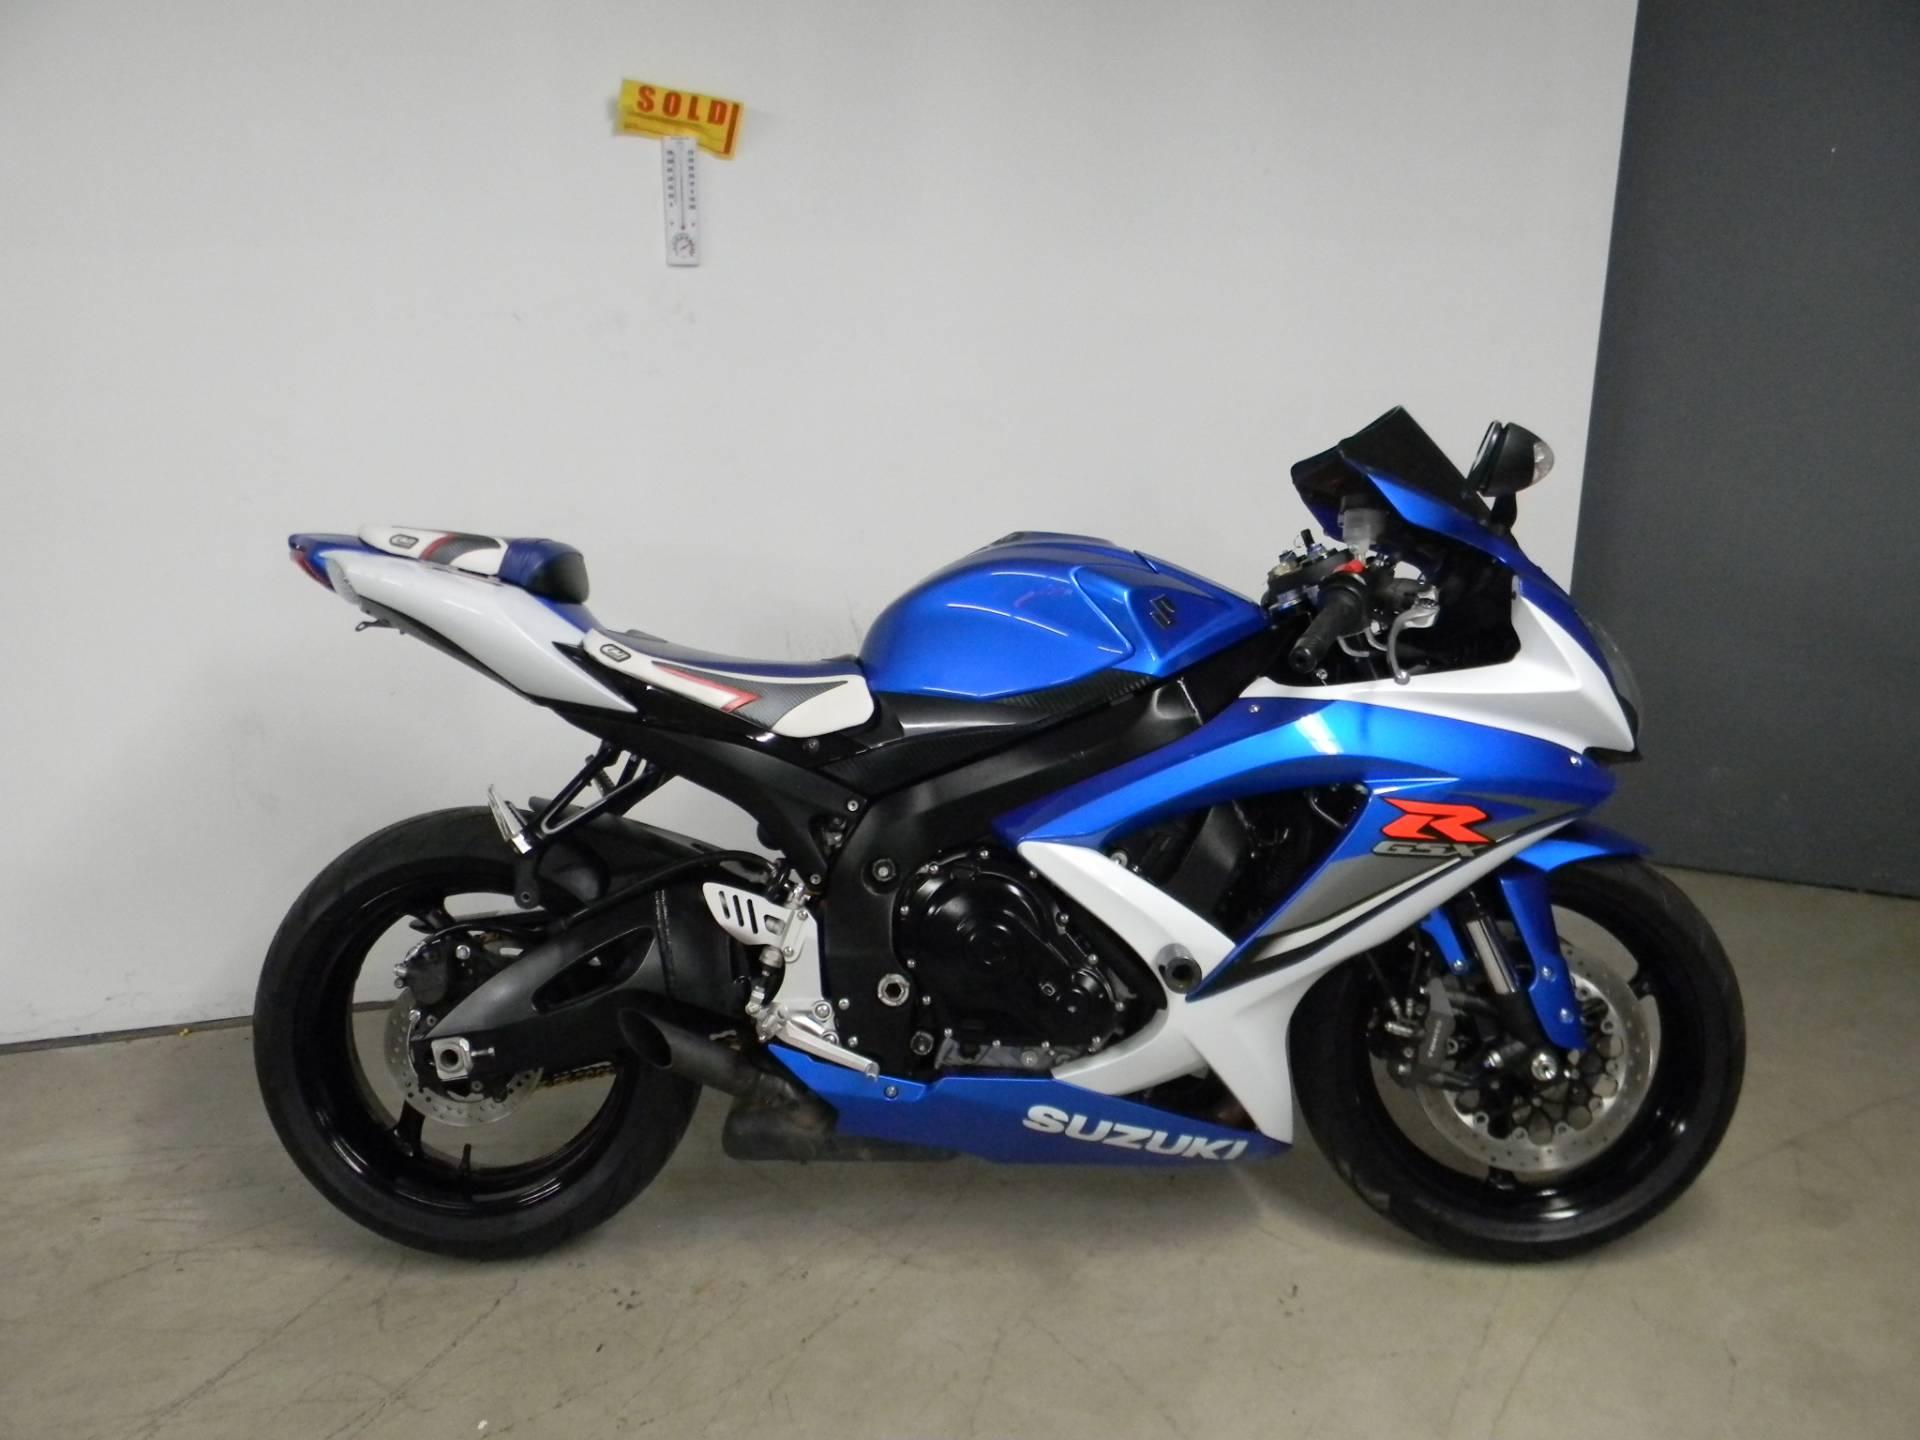 2009 Suzuki GSX-R750 for sale 52758